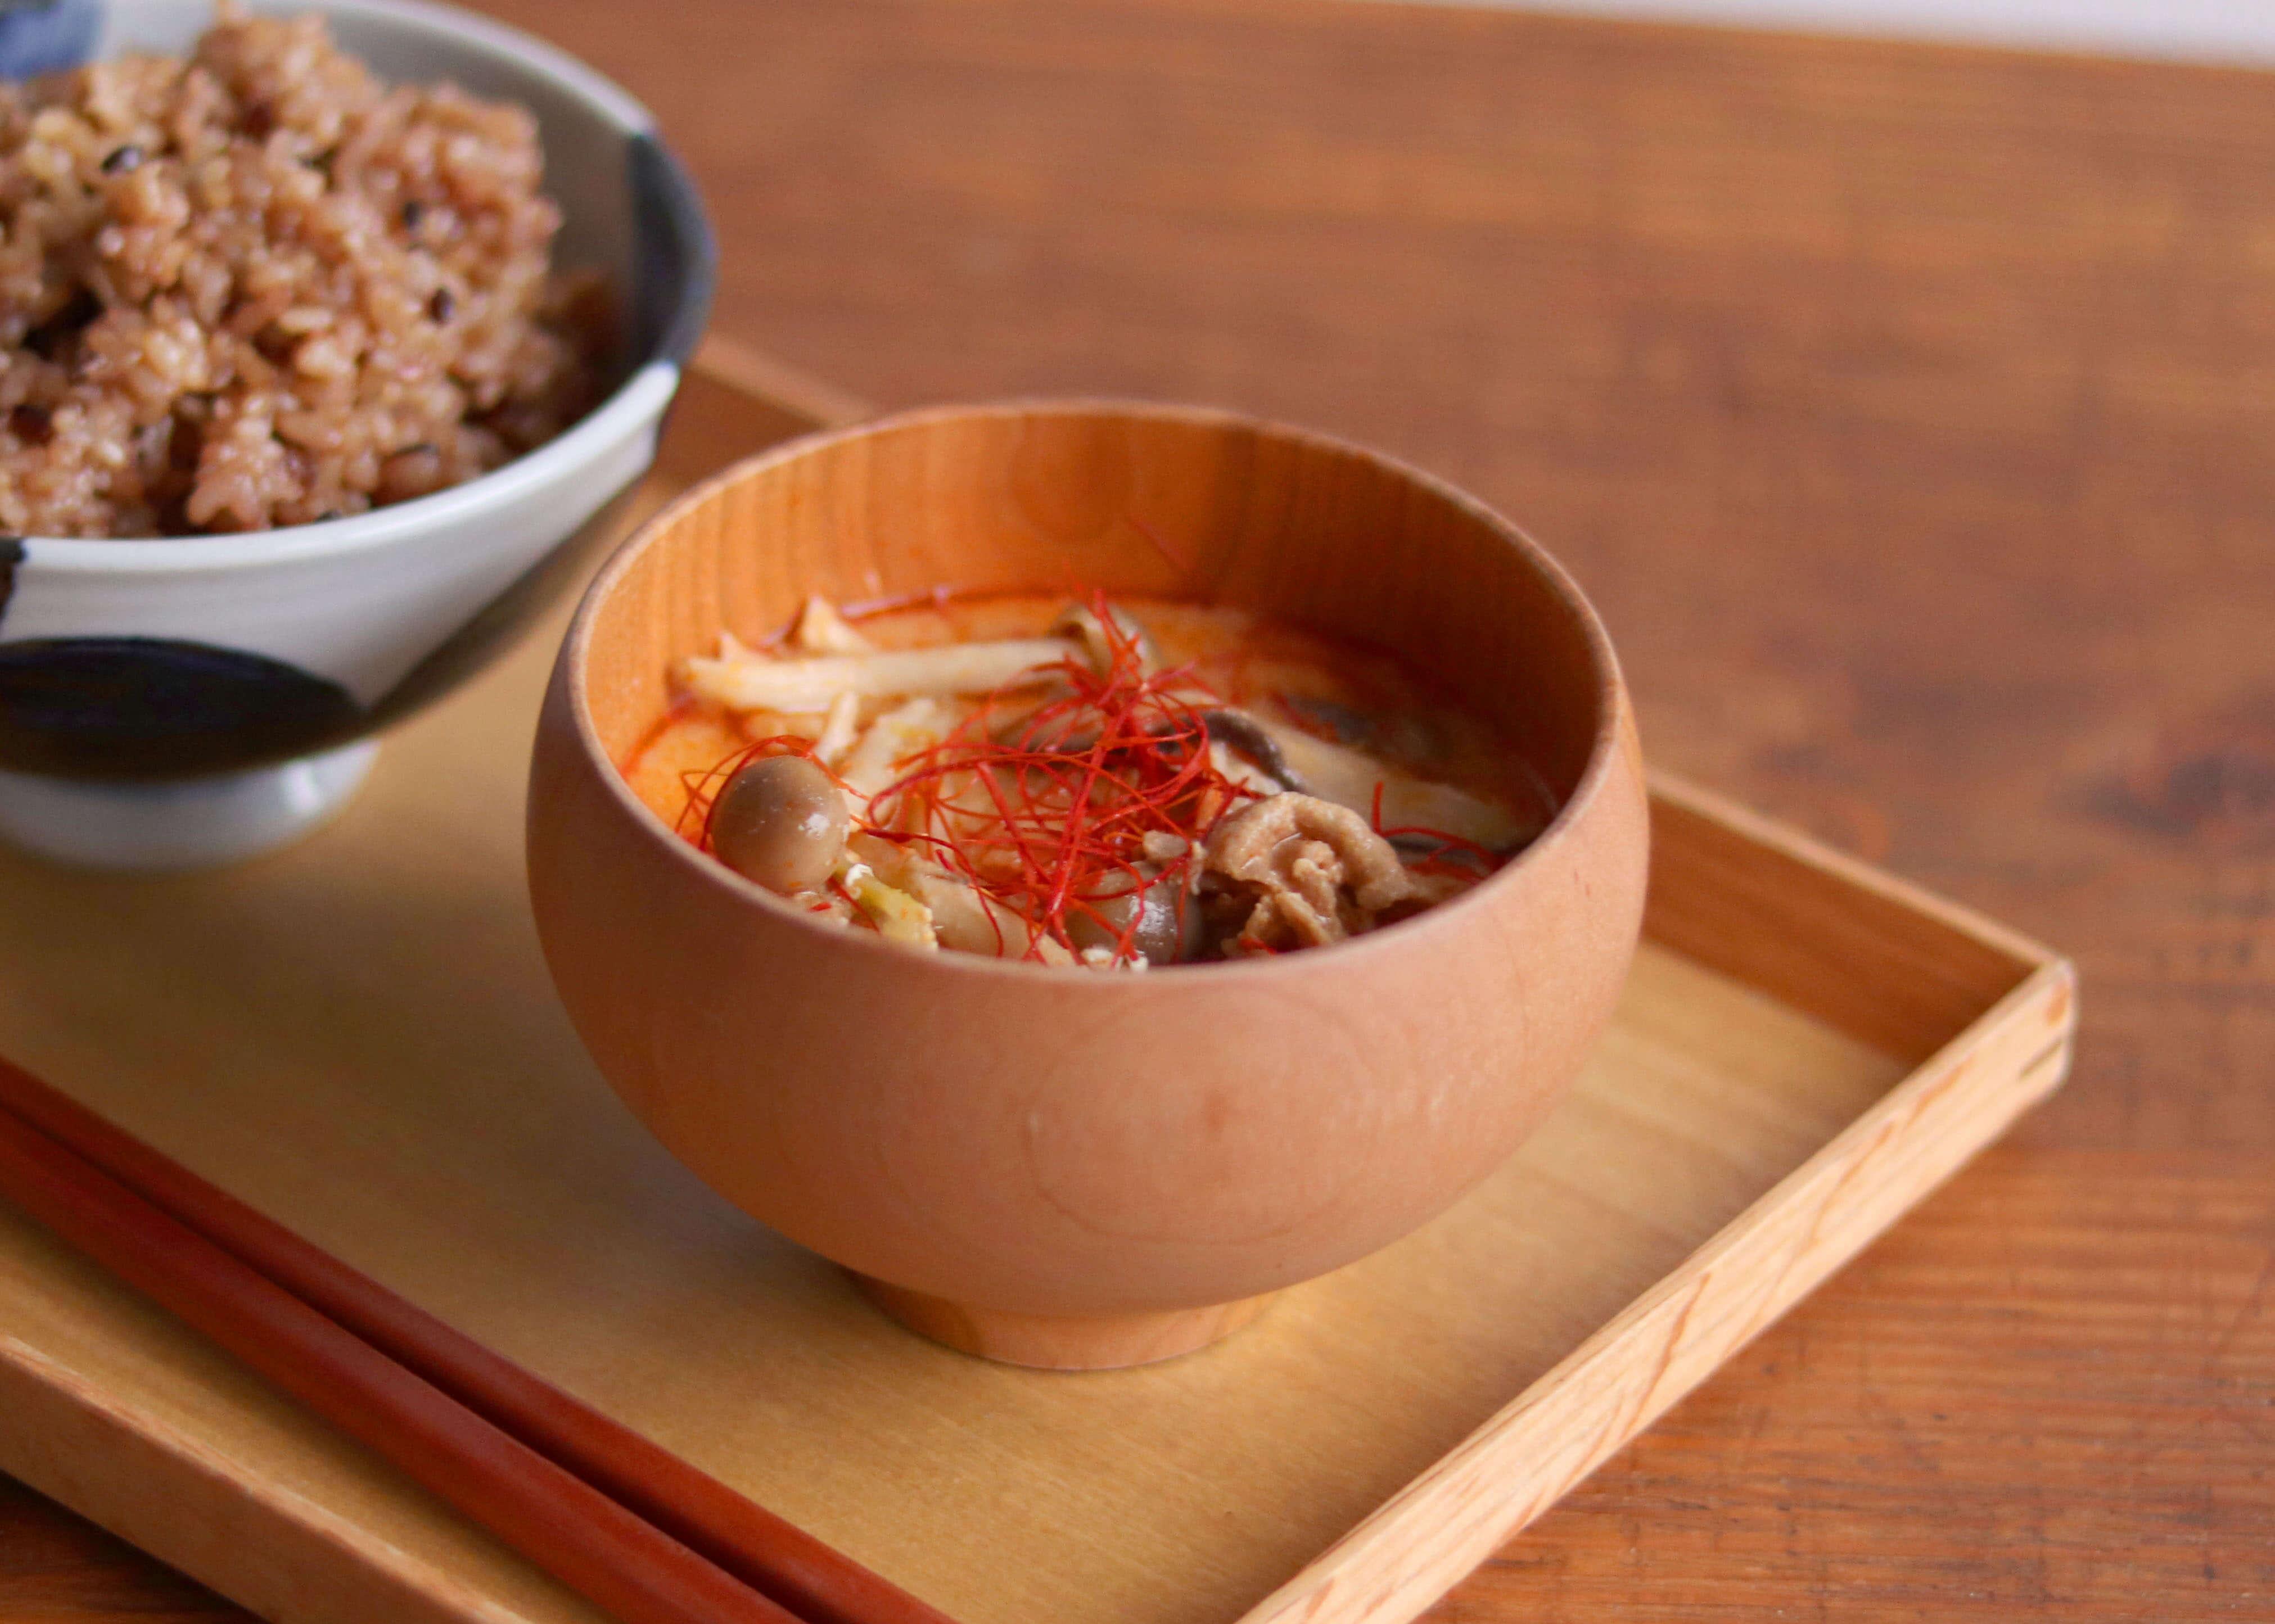 寒い日に食べたい!野菜たっぷりピリ辛坦々スープ